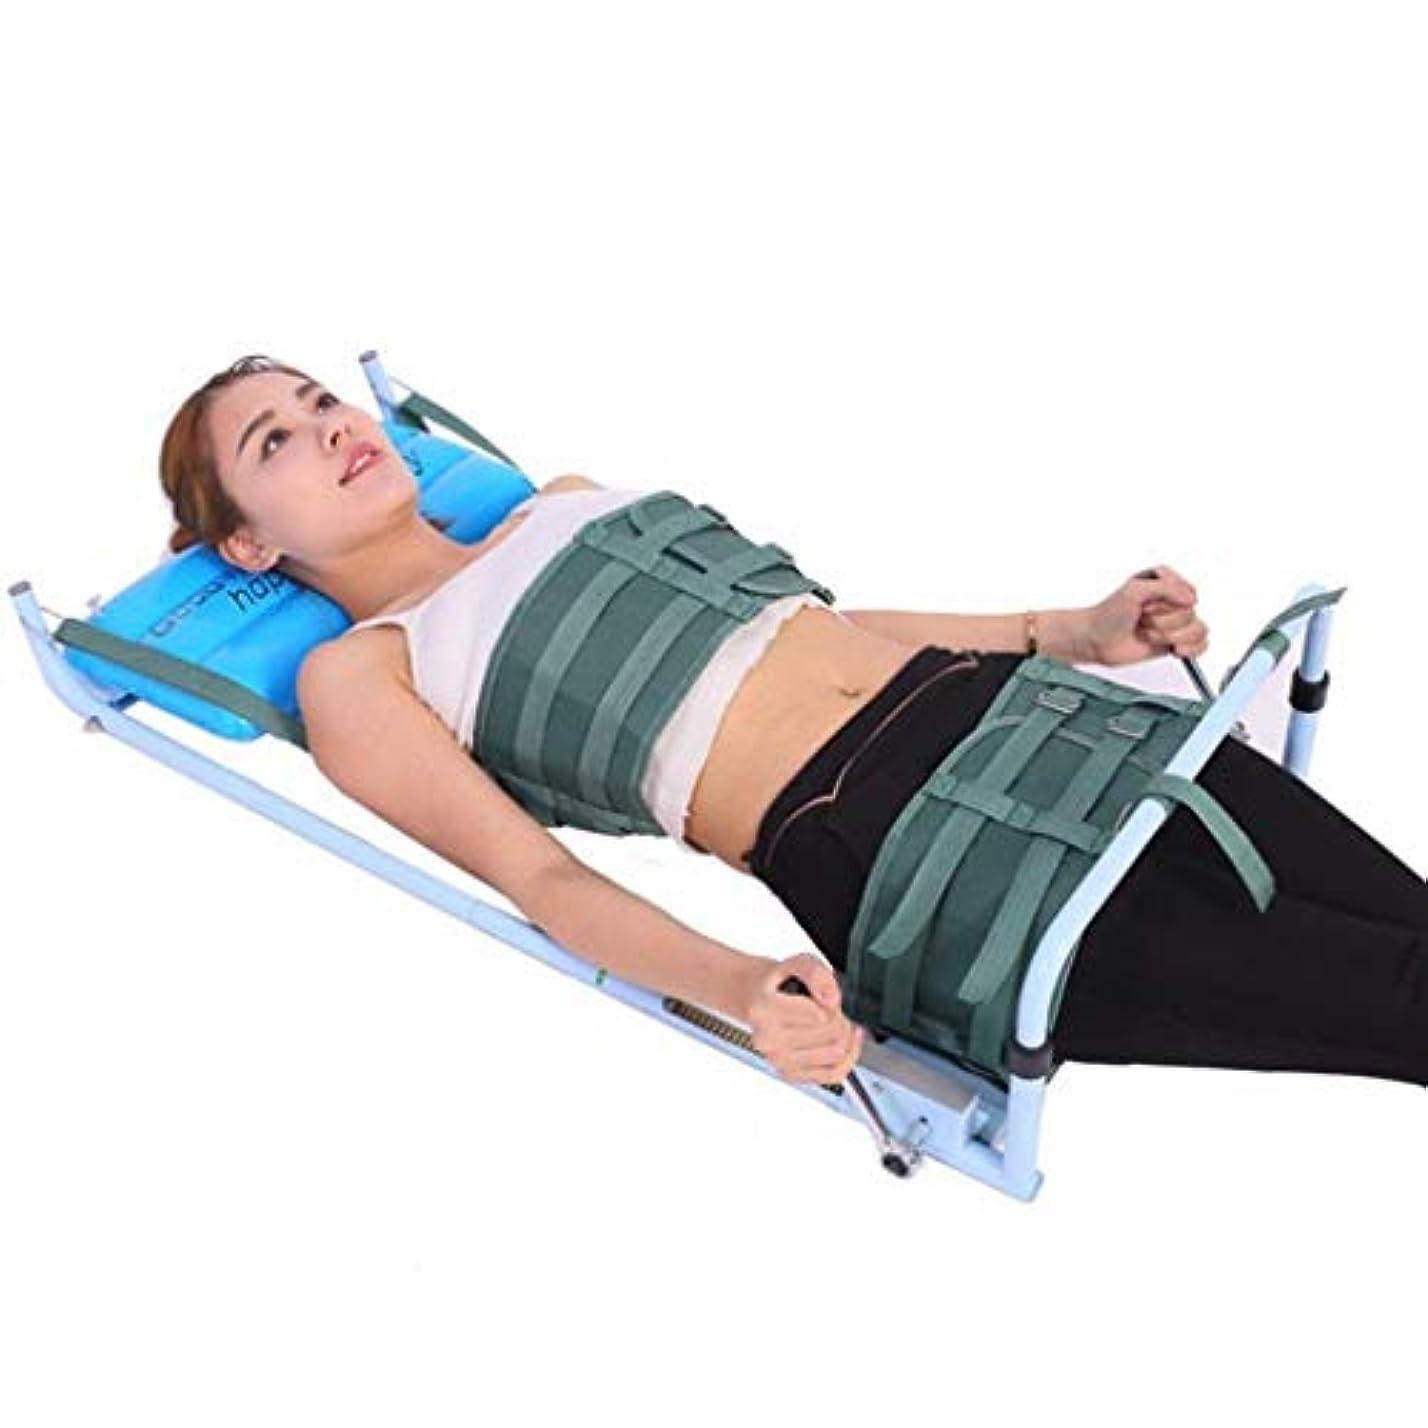 余分な幼児予防接種矯正装置、腰椎牽引装置、子宮頸部ストレッチストレッチャー装置、改善された脊椎姿勢装具